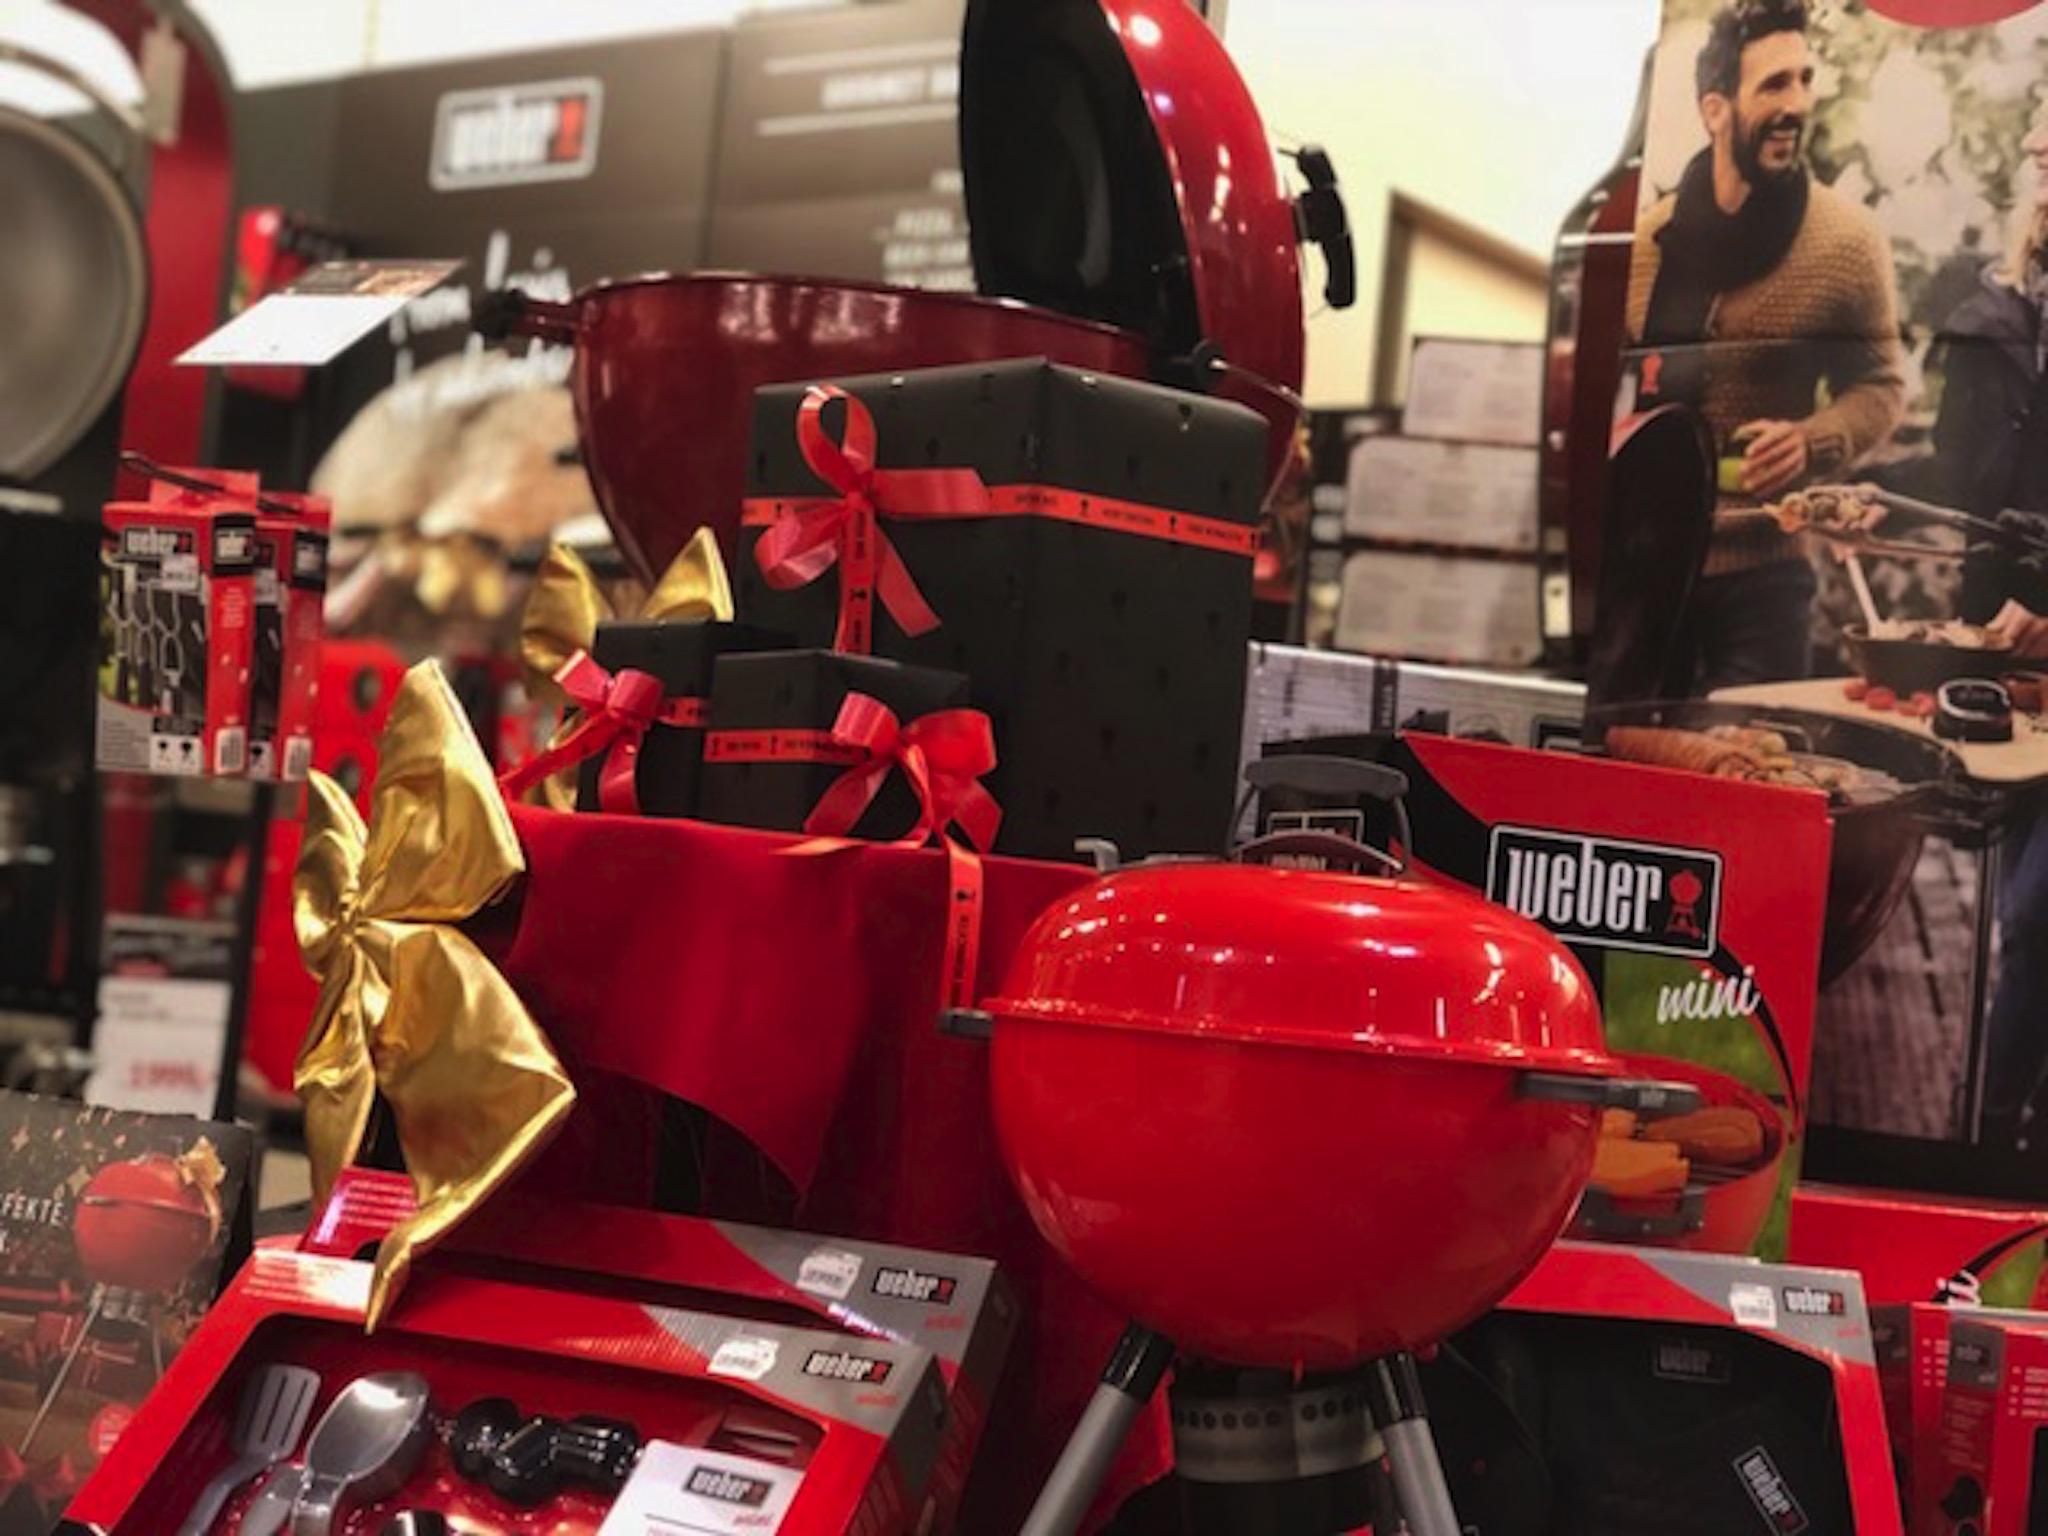 Wunderbare Geschenkideen für das anstehende Weihnachtsfest – das Team der S-Kultur freut sich auf Euch! Foto: S-Kultur